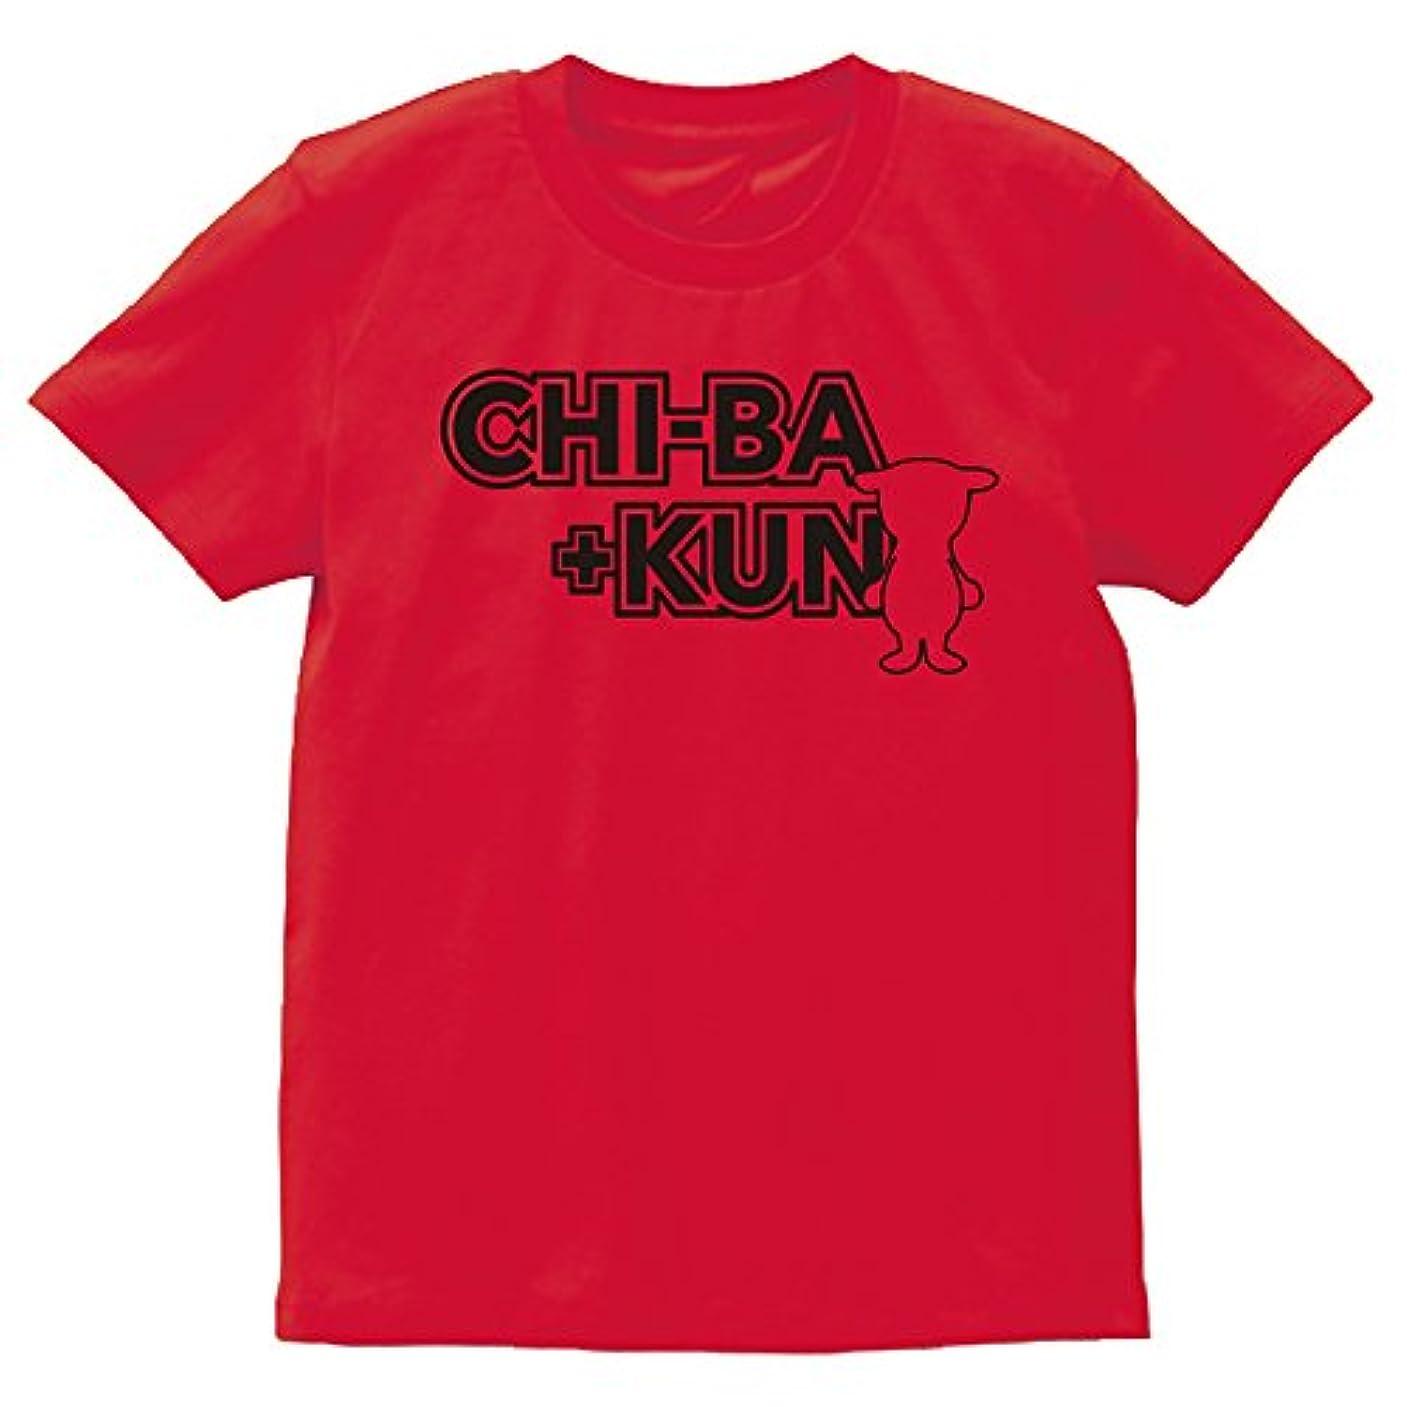 クルーズ多用途ねじれゆるキャラ チーバくん Tシャツ 後ろ姿/レッド 5.6oz ヘビーウェイト